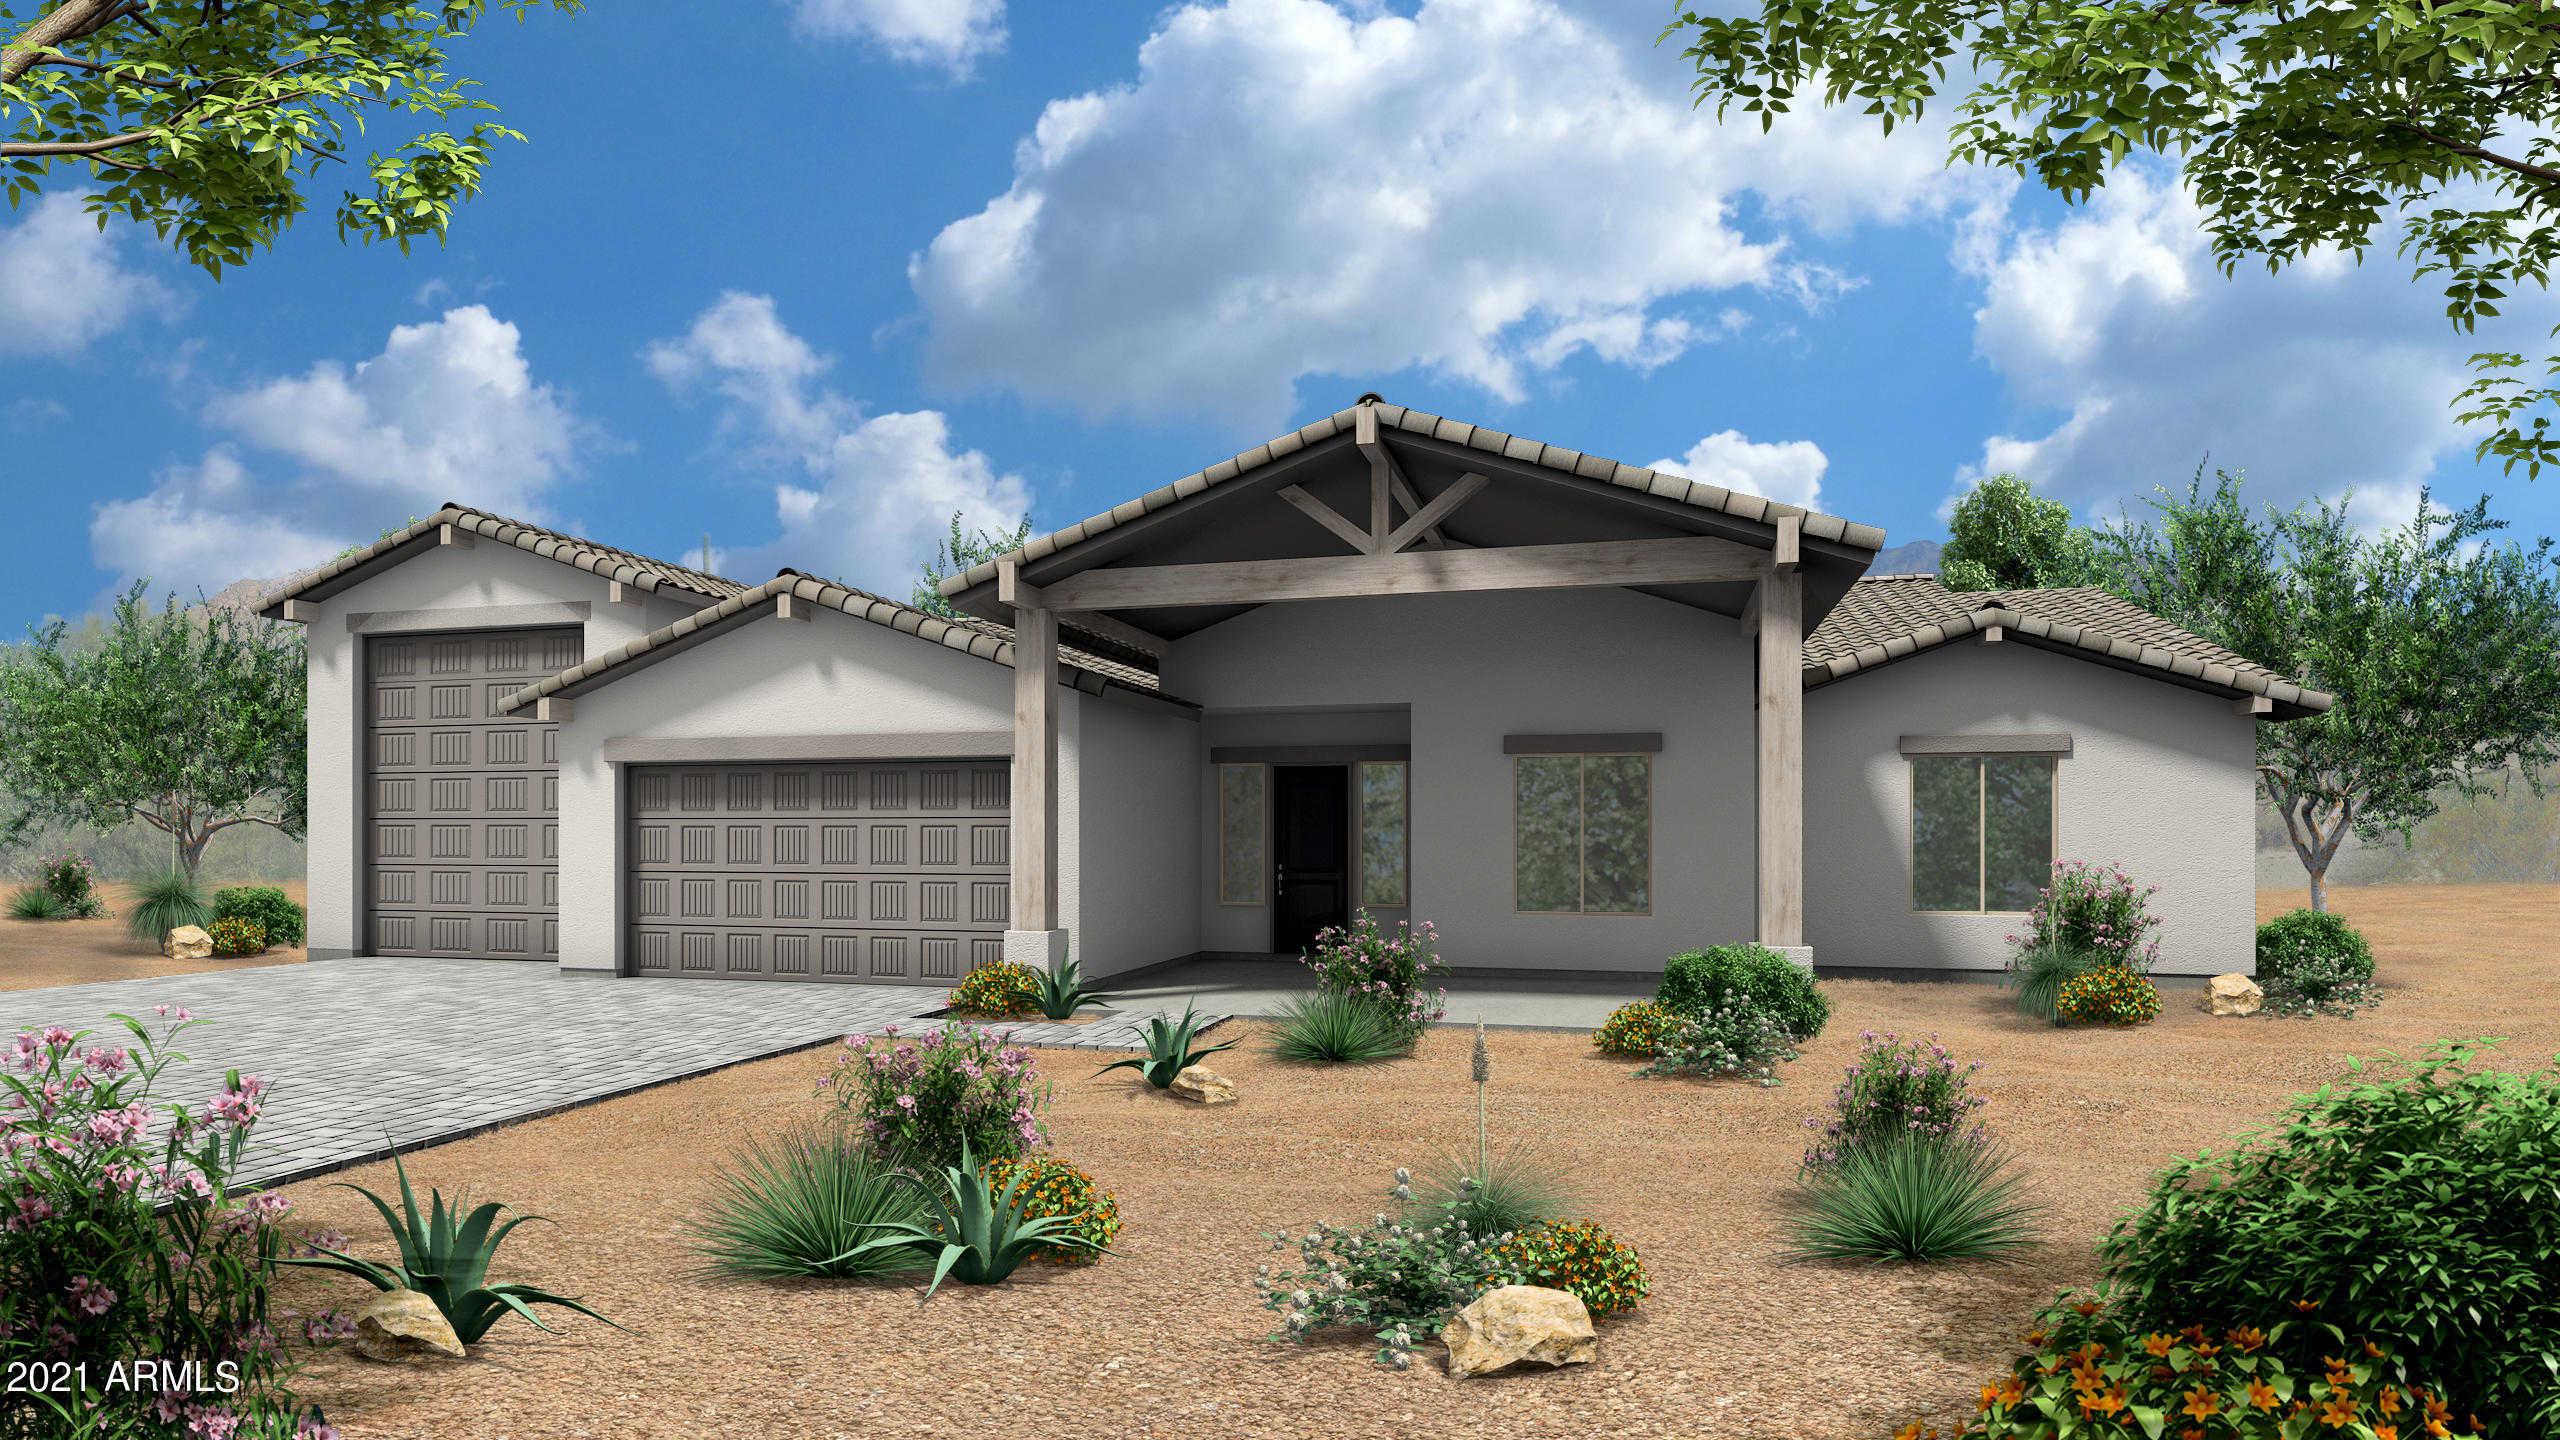 $748,310 - 4Br/3Ba - Home for Sale in None, Rio Verde